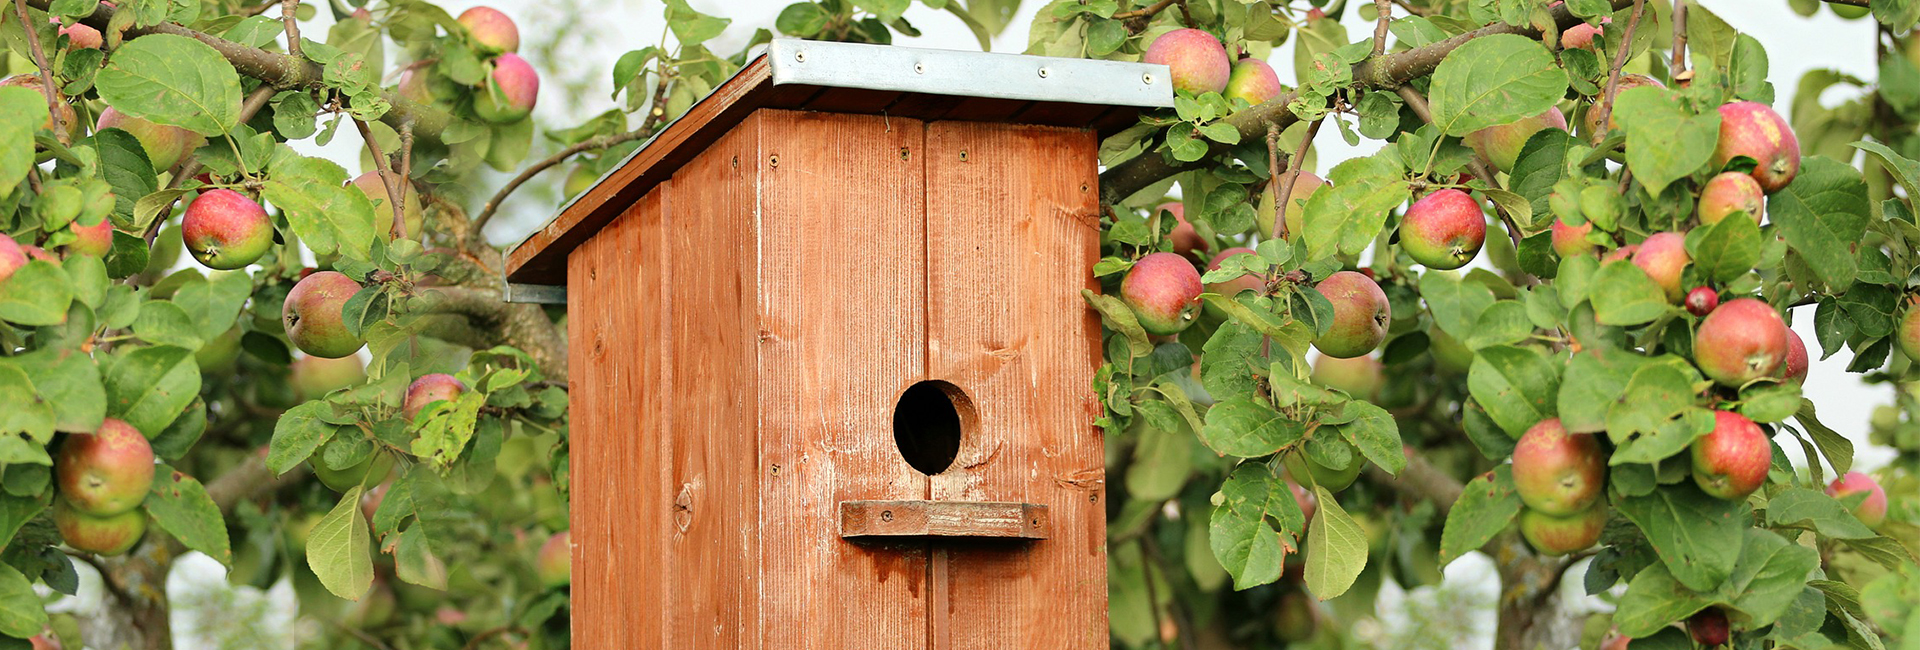 Anleitung Vogelhaus selber bauen